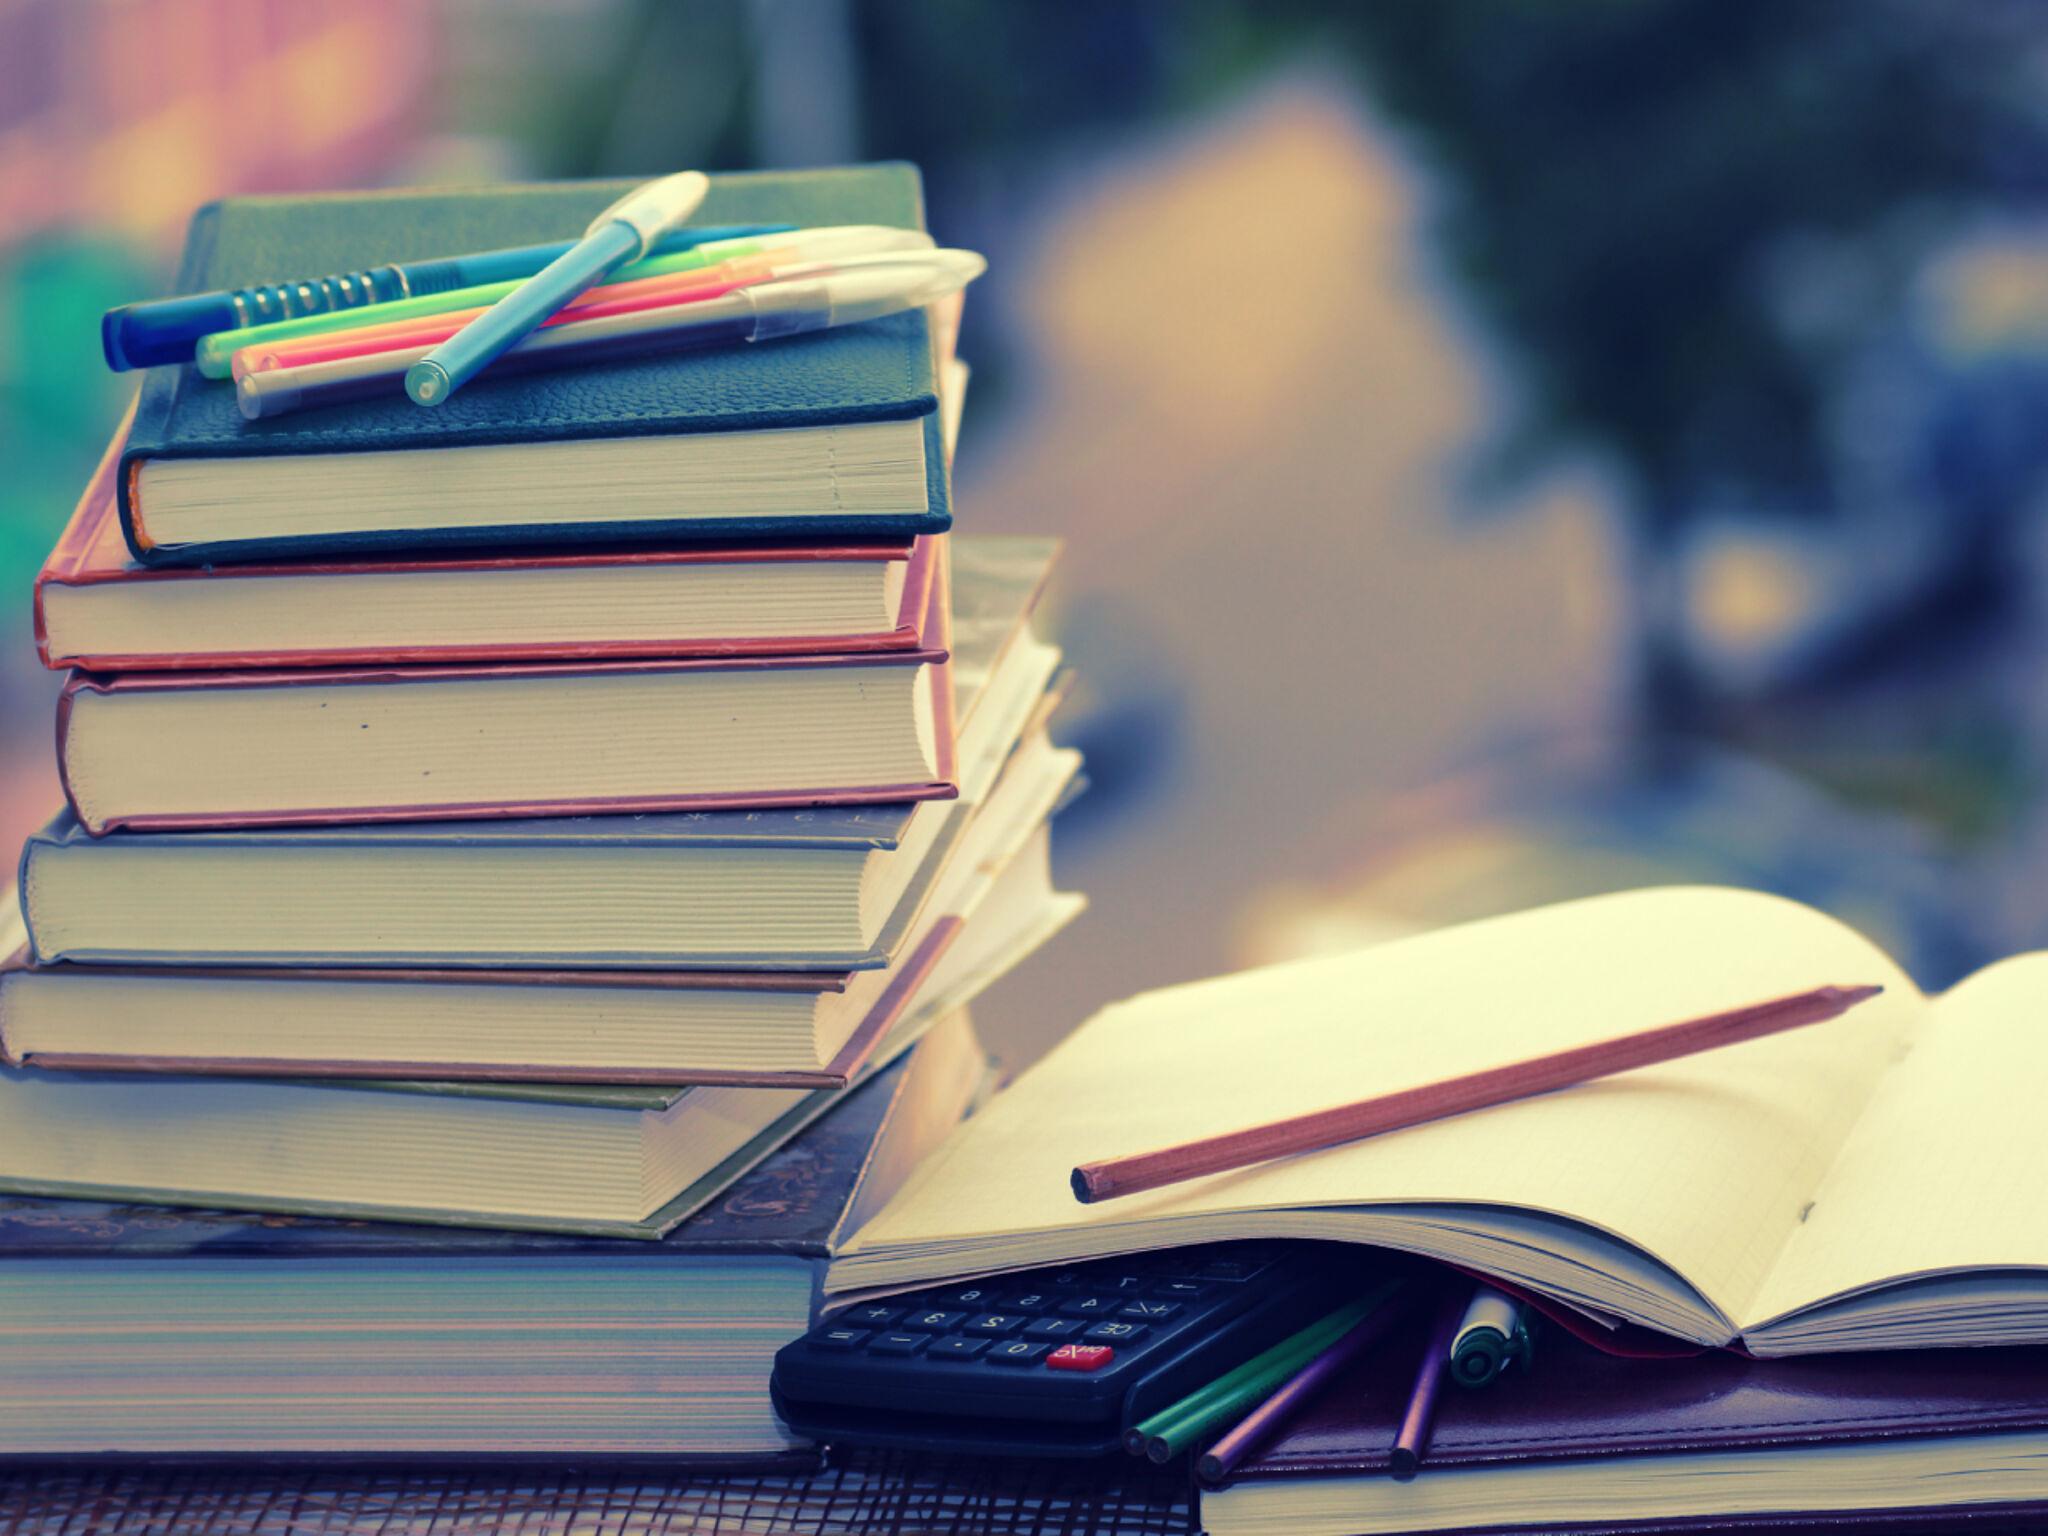 詰まれた本とノート、ペンの画像